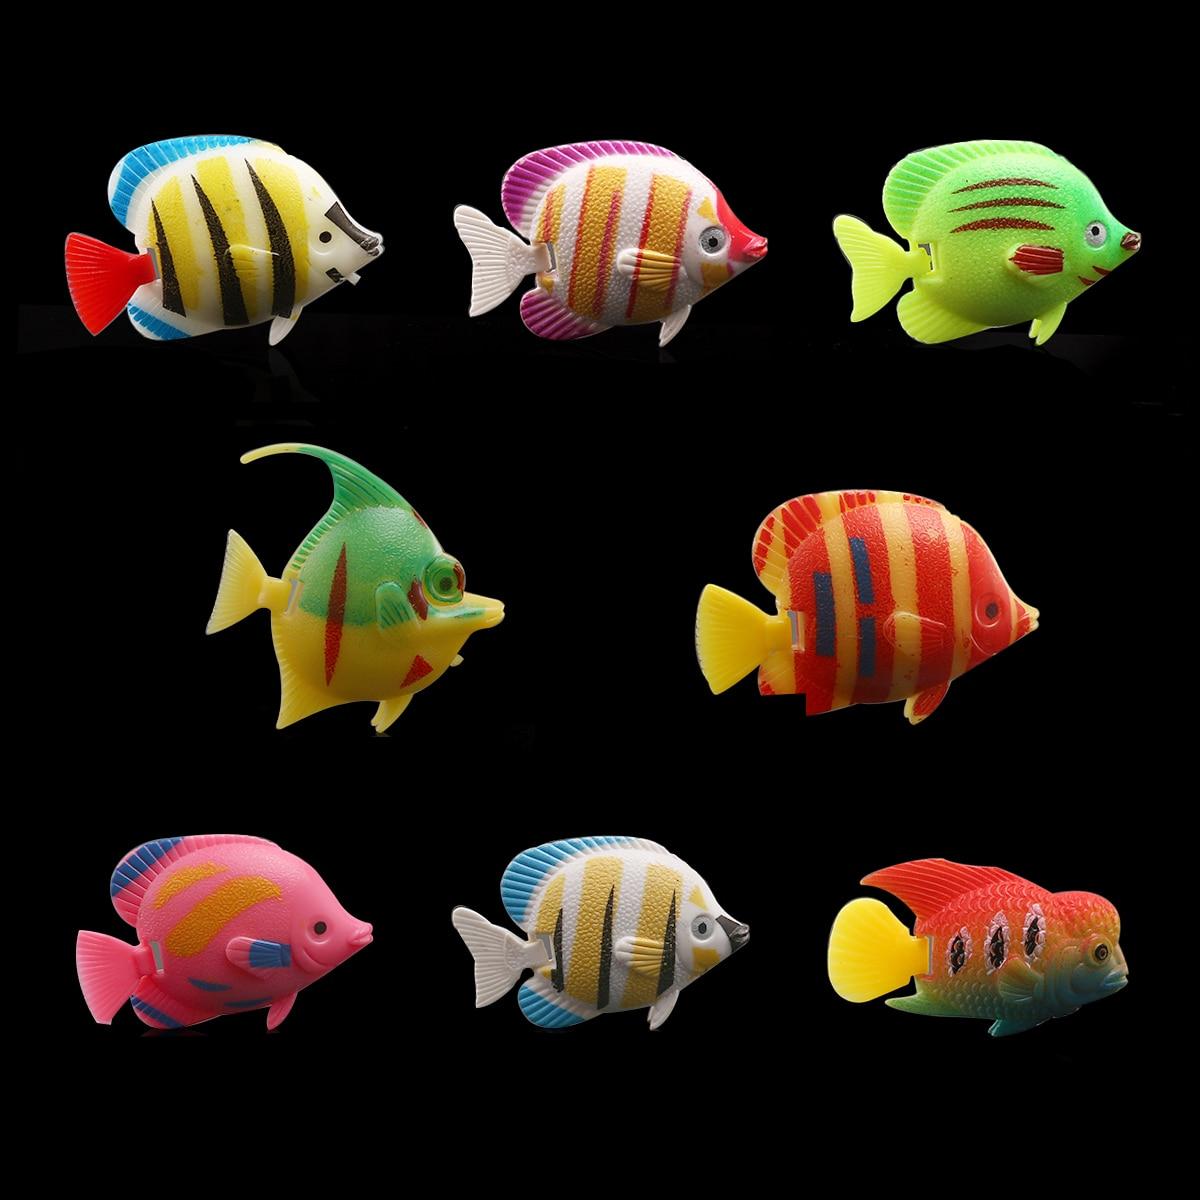 Artificial aquarium fish tank - 10pcs Lifelike Plastic Artificial Moving Floating Fishes Ornament Decorations For Aquarium Fish Tank Random Color